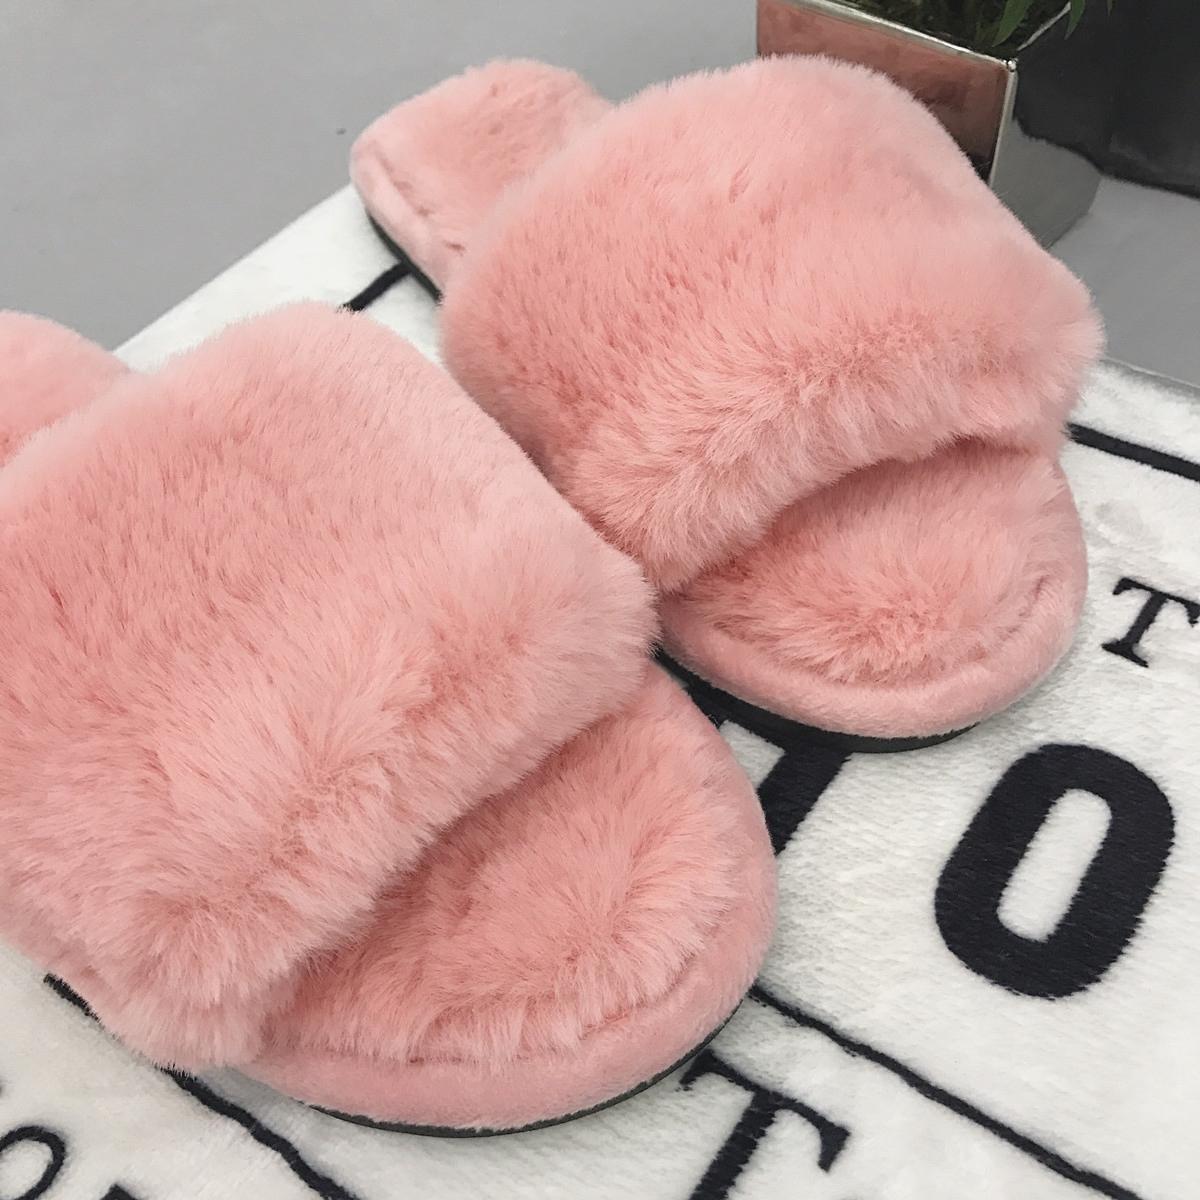 棉拖鞋女韩国秋冬季室内居家居防滑舒适保暖一字绒毛毛拖鞋地板鞋